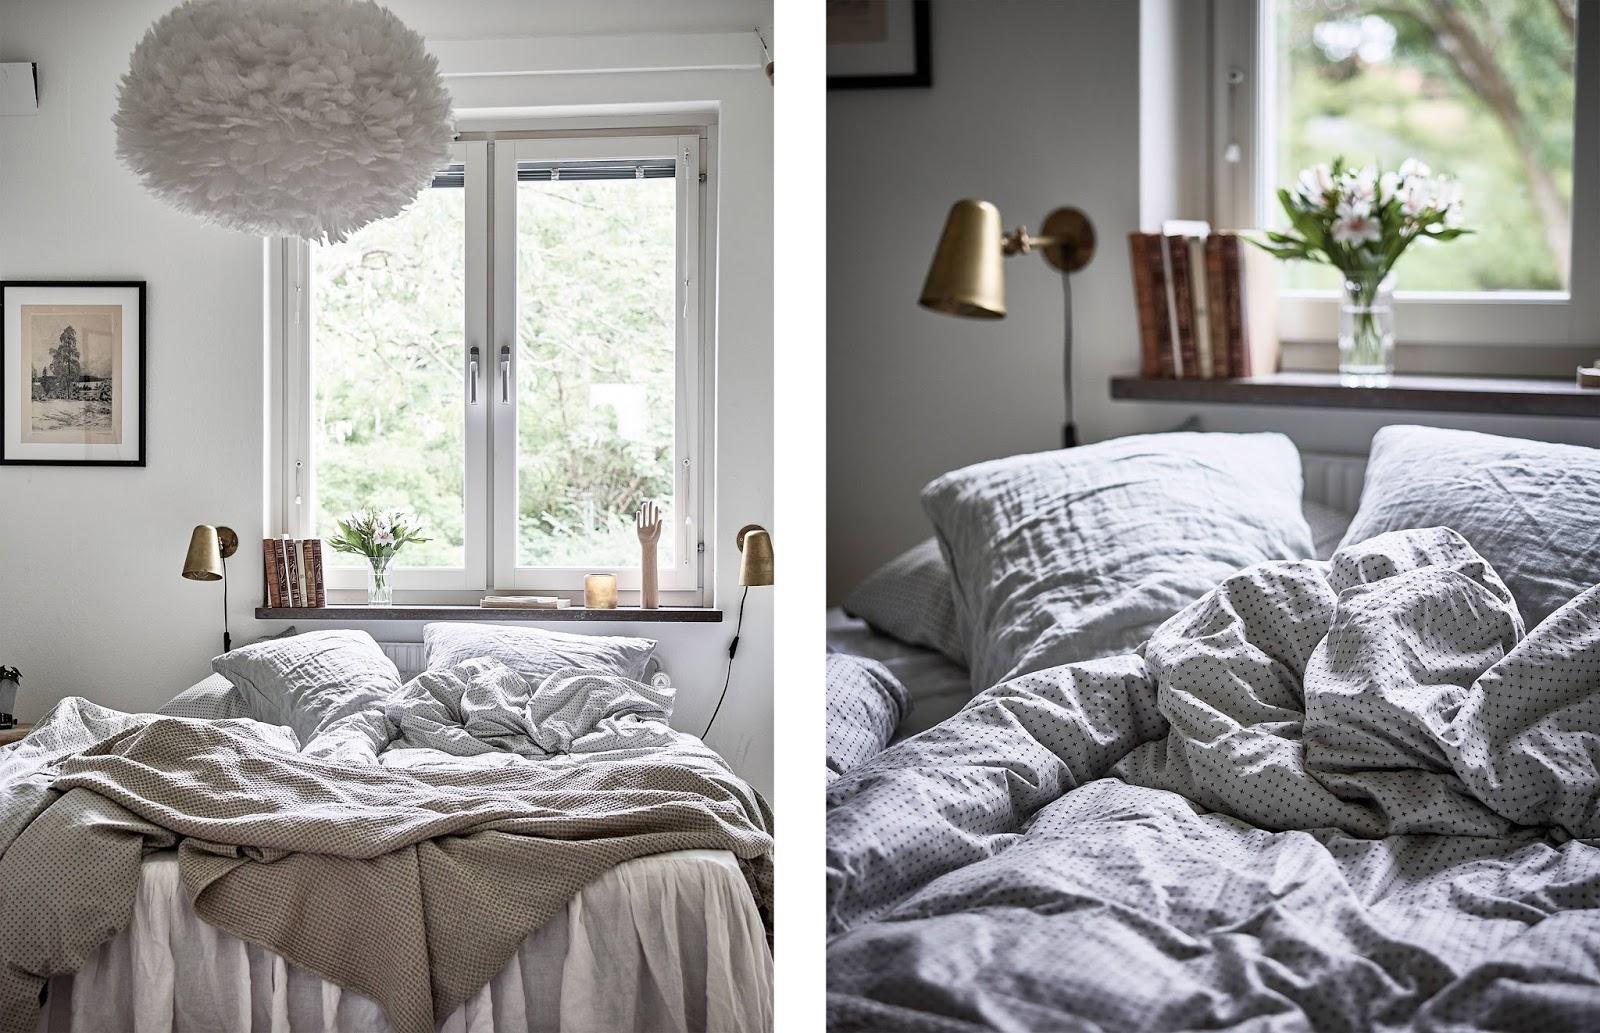 Idee arredamento camera da letto fai da te idee per la camera da